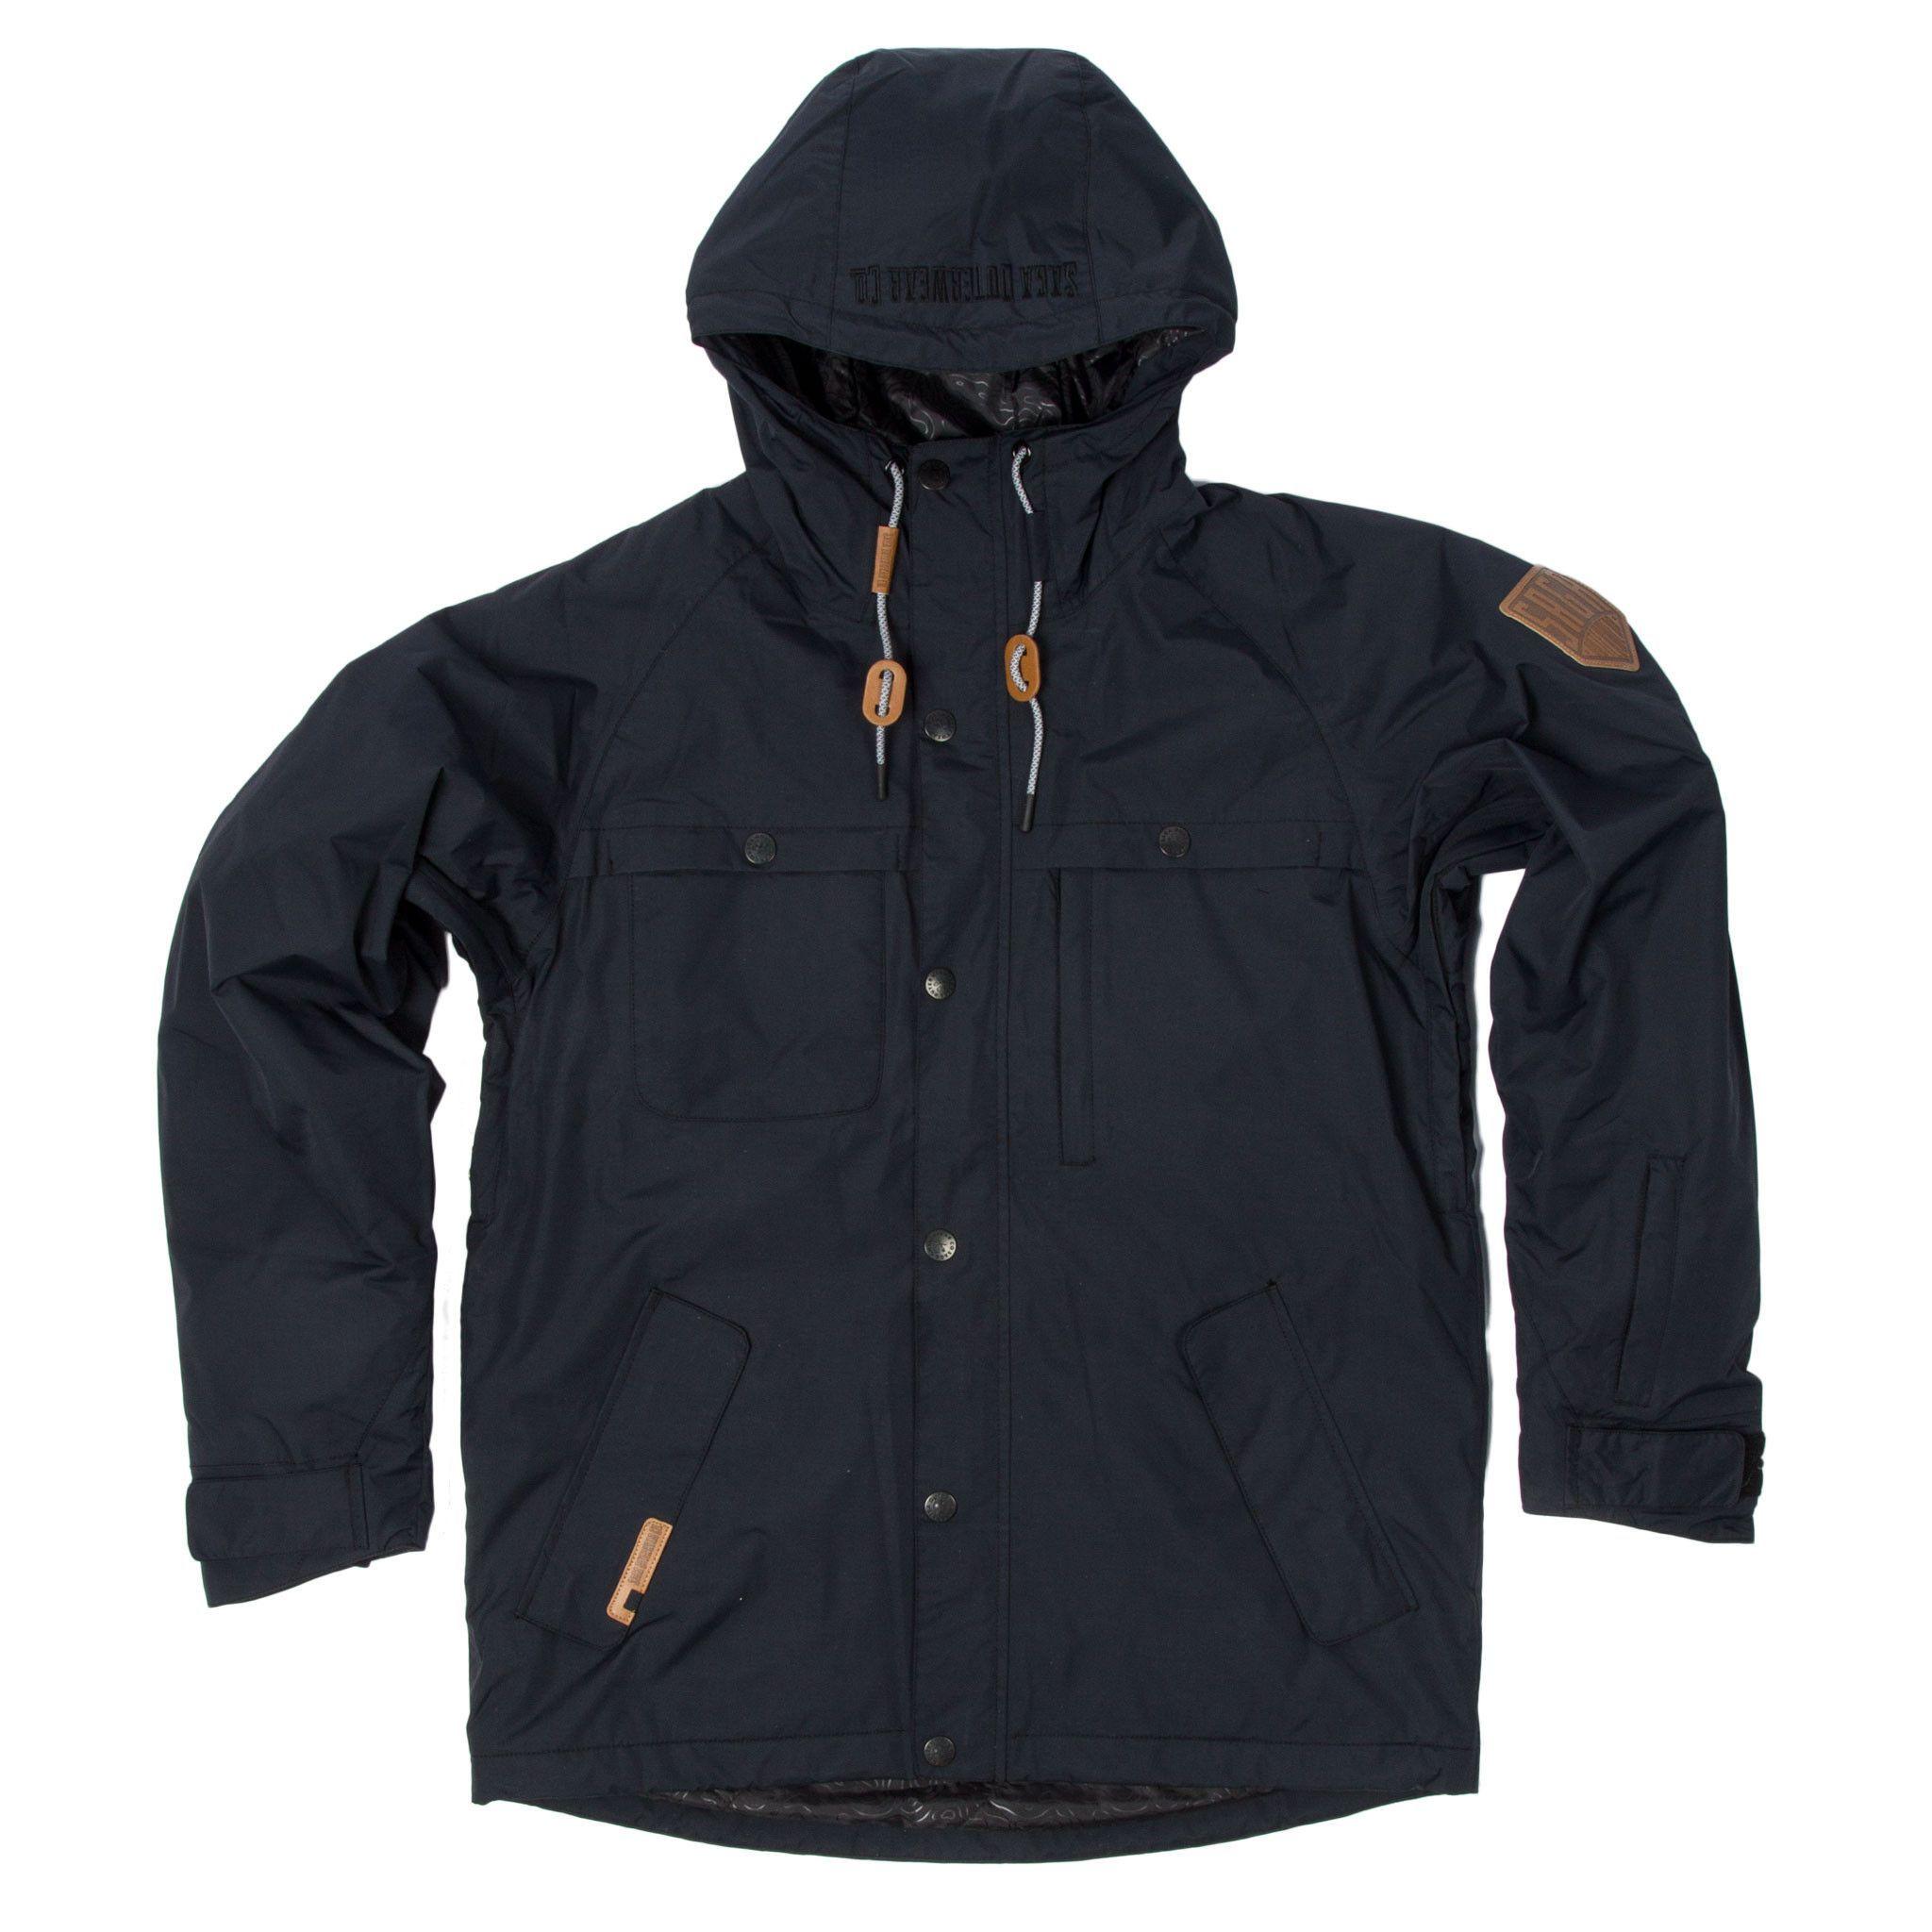 Mutiny Jacket Saga Outerwear Jackets Clothes [ 2048 x 2048 Pixel ]